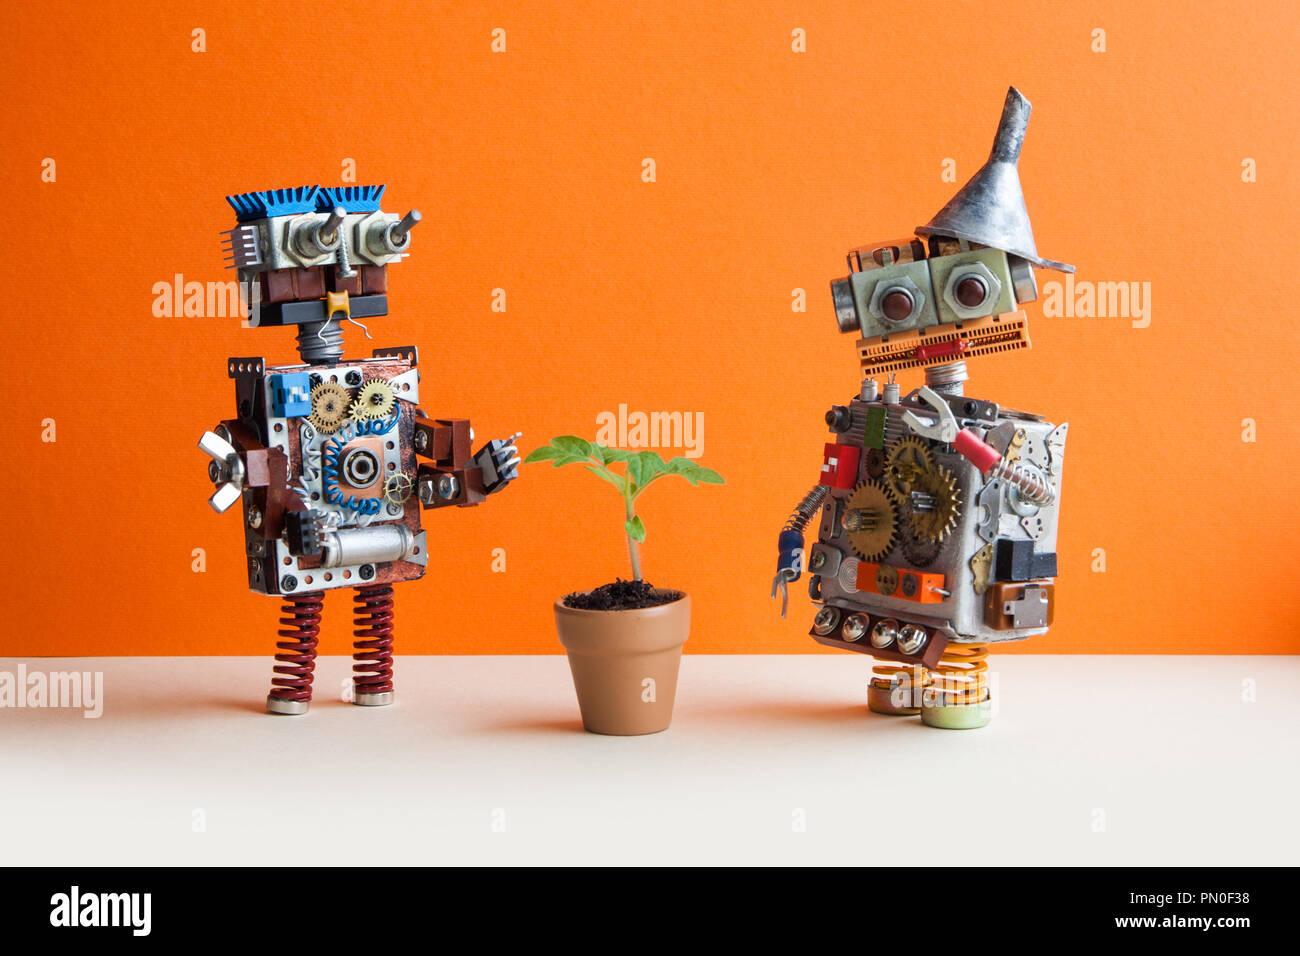 Komisch zwei Roboter und grüne Anlage. Orange Wand Hintergrund Stockbild